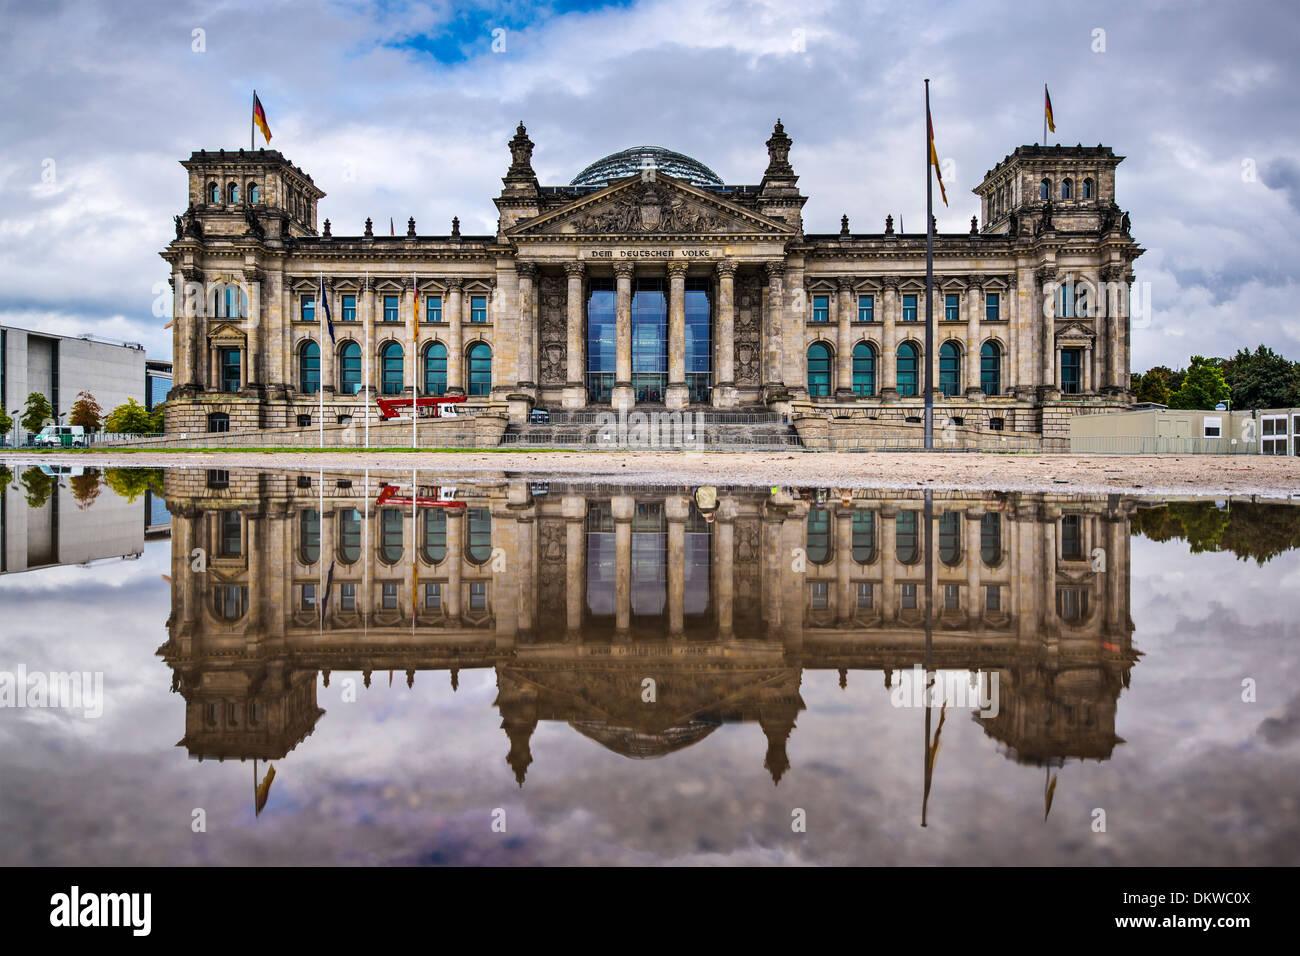 Parlamentsgebäude der deutsche Reichstag in Berlin, Deutschland. Stockbild